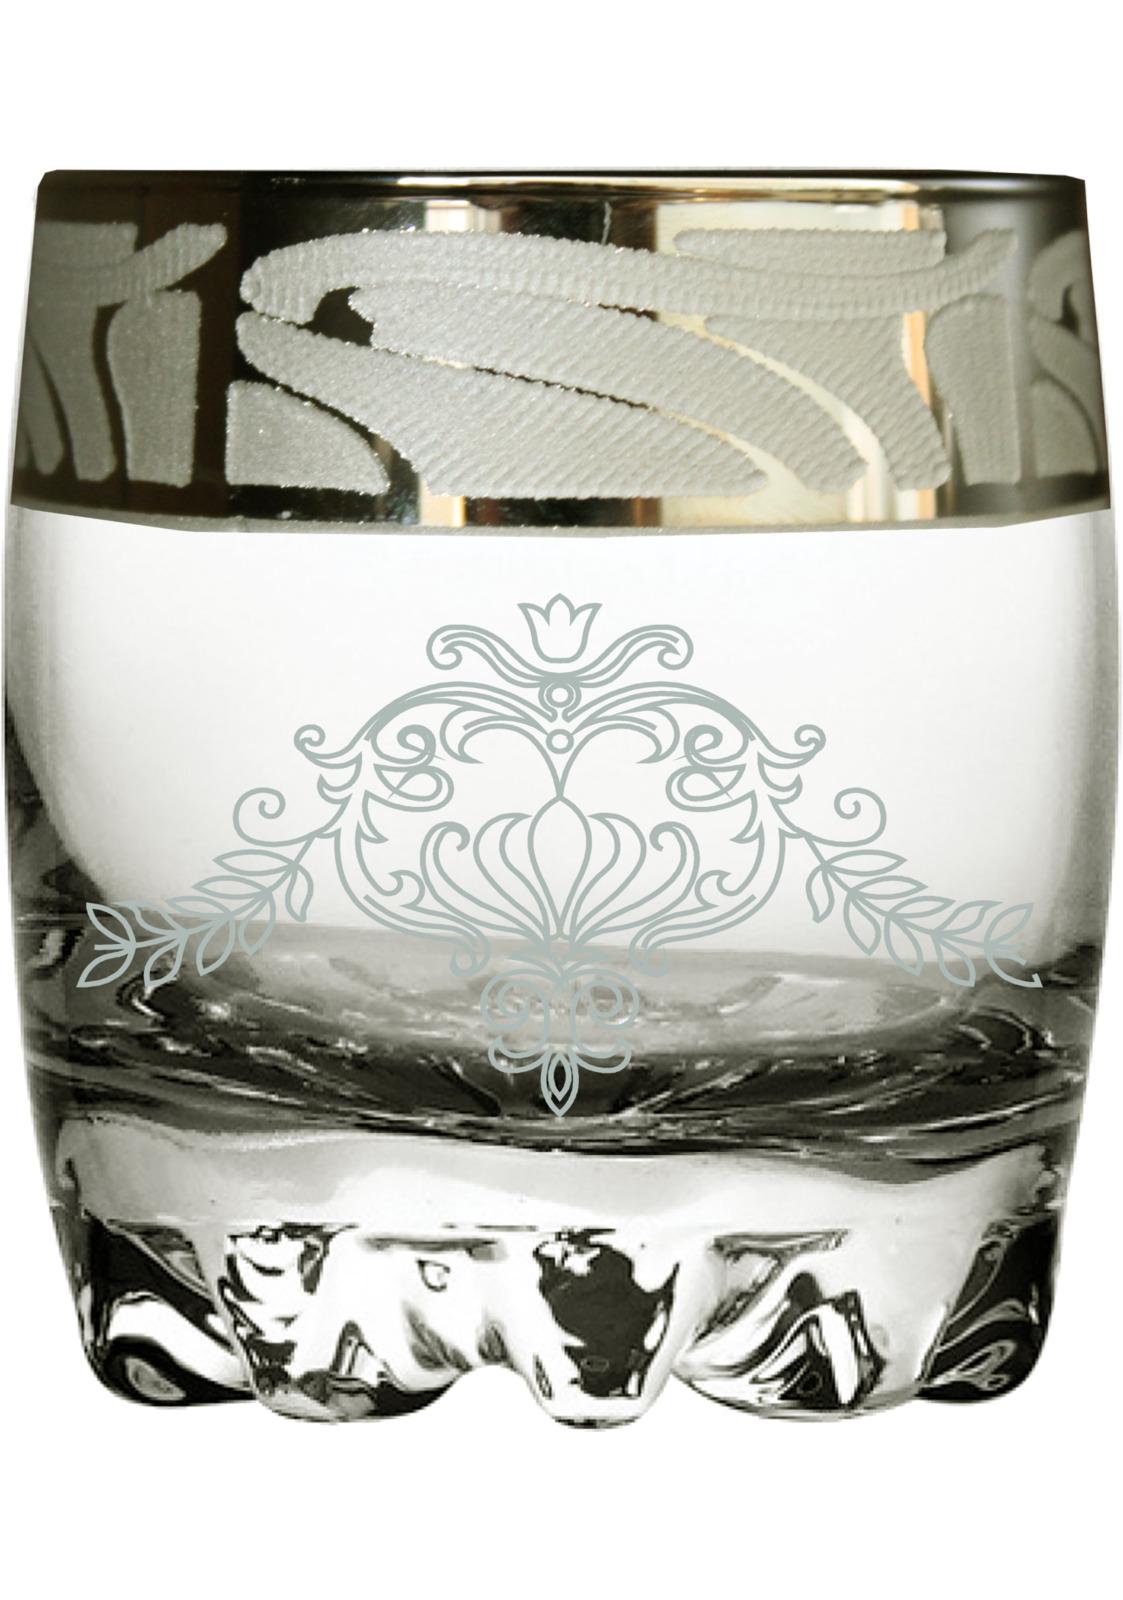 Набор стаканов для виски Гусь-Хрустальный Мускат, GE05-415, 305 мл, 6 штGE05-415Набор Гусь-Хрустальный Мускат состоит из 6 стаканов для виски, изготовленных из высококачественного натрий-кальций-силикатного стекла. Изделия оформлены красивым зеркальным покрытием и белым матовым орнаментом. Такой набор прекрасно дополнит праздничный стол и станет желанным подарком в любом доме. Разрешается мыть в посудомоечной машине.